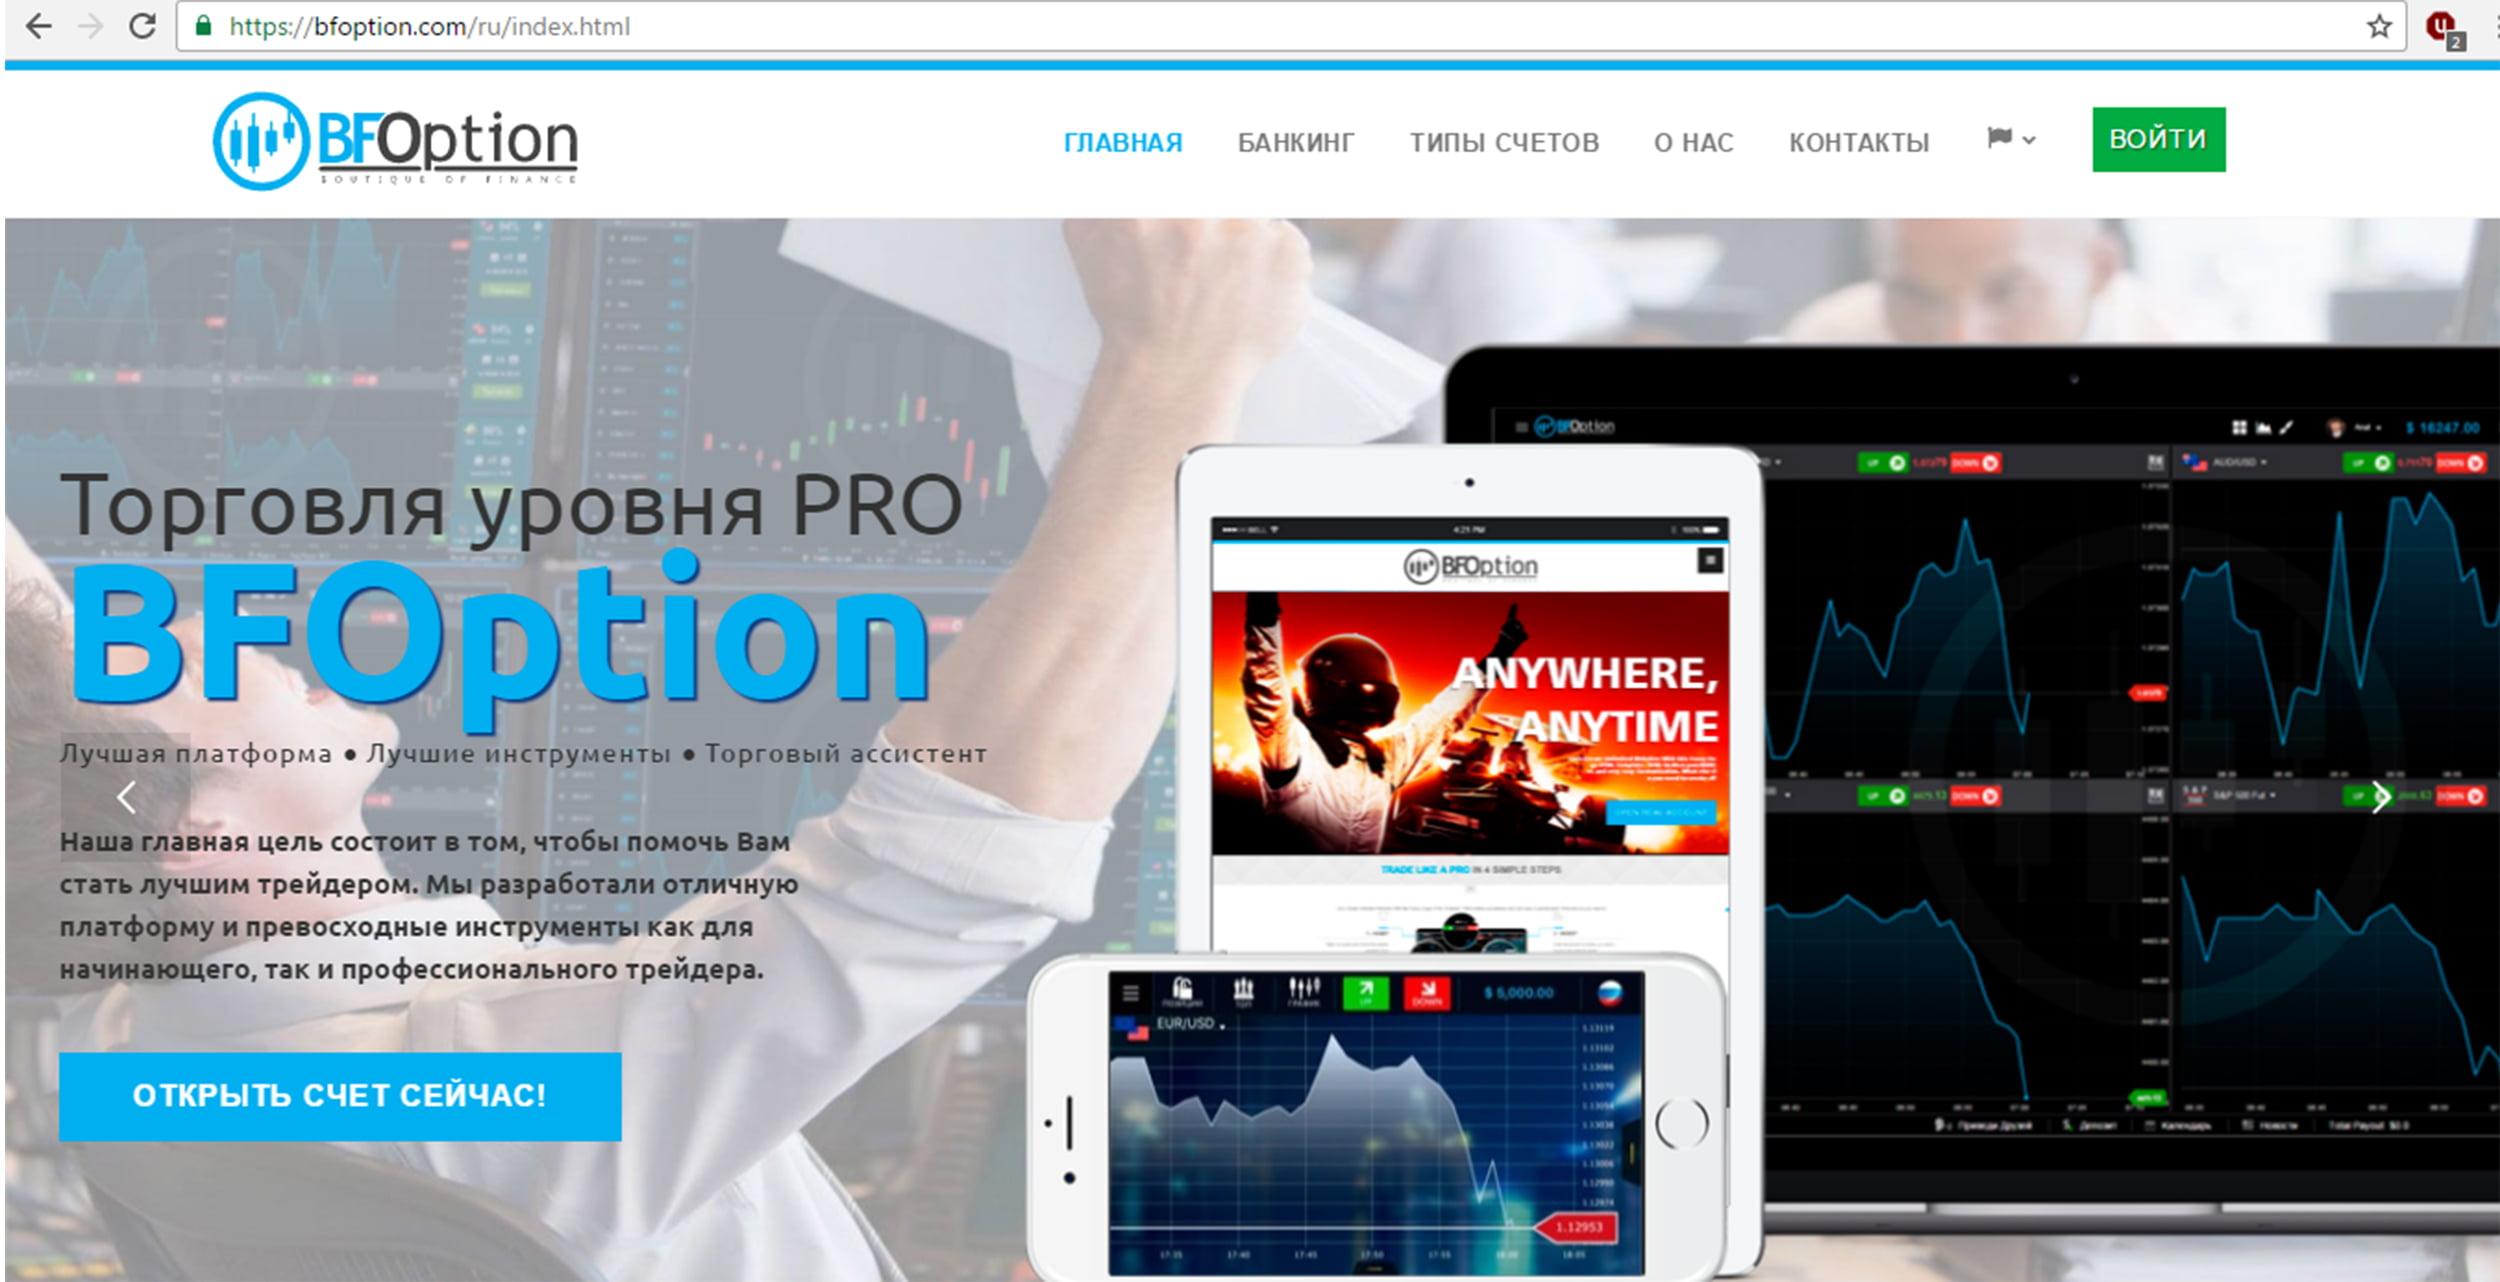 Официальный сайт BFOption.com